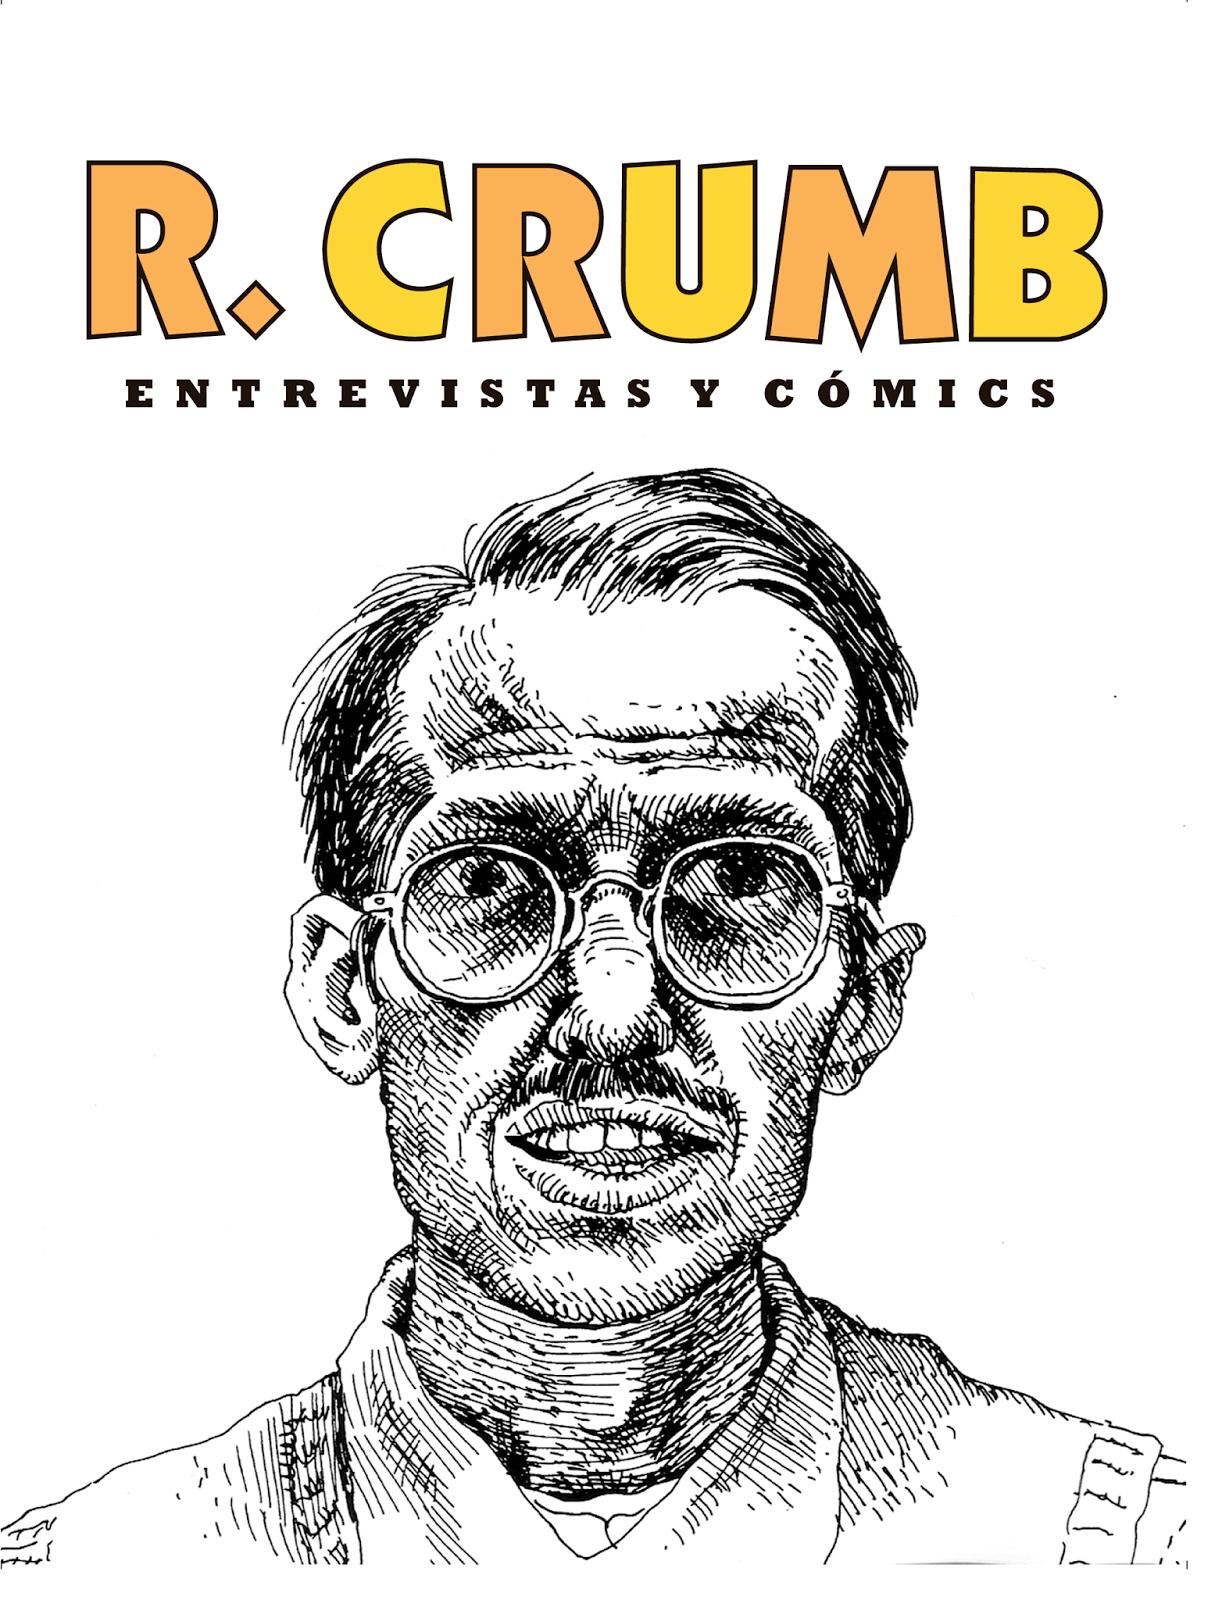 R. Crumb Entrevistas y comics